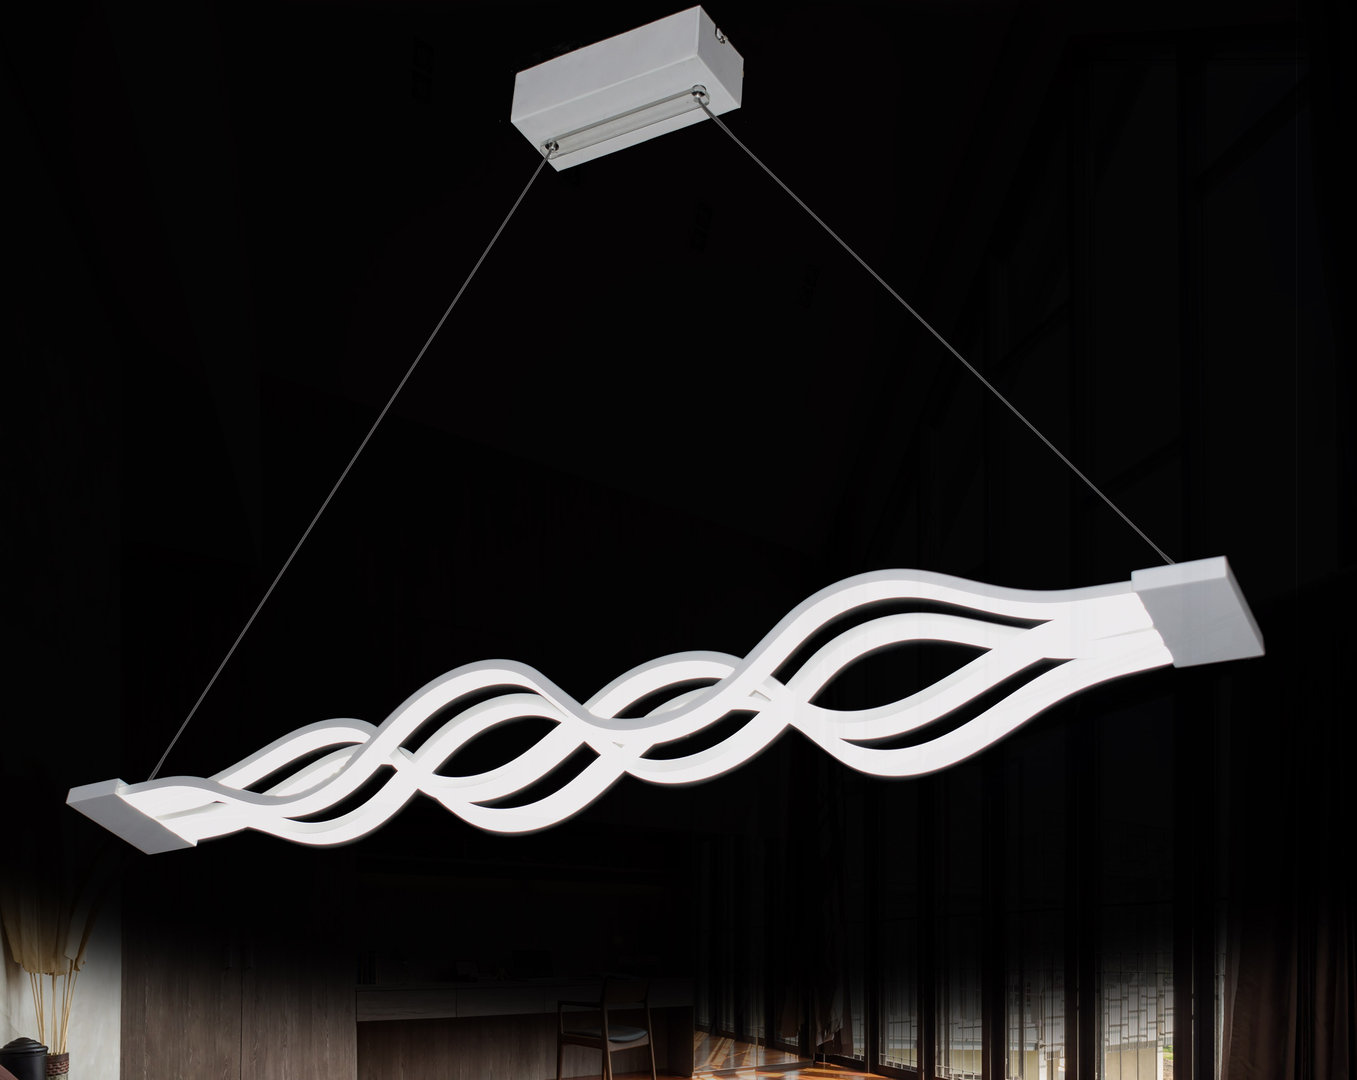 Full Size of Led Deckenlampe Hngelampe Deckenleuchte Modern Design Wohnzimmer Hängeschrank Deckenleuchten Lampen Kommode Decken Deko Schrankwand Komplett Stehlampe Wohnzimmer Wohnzimmer Hängelampe